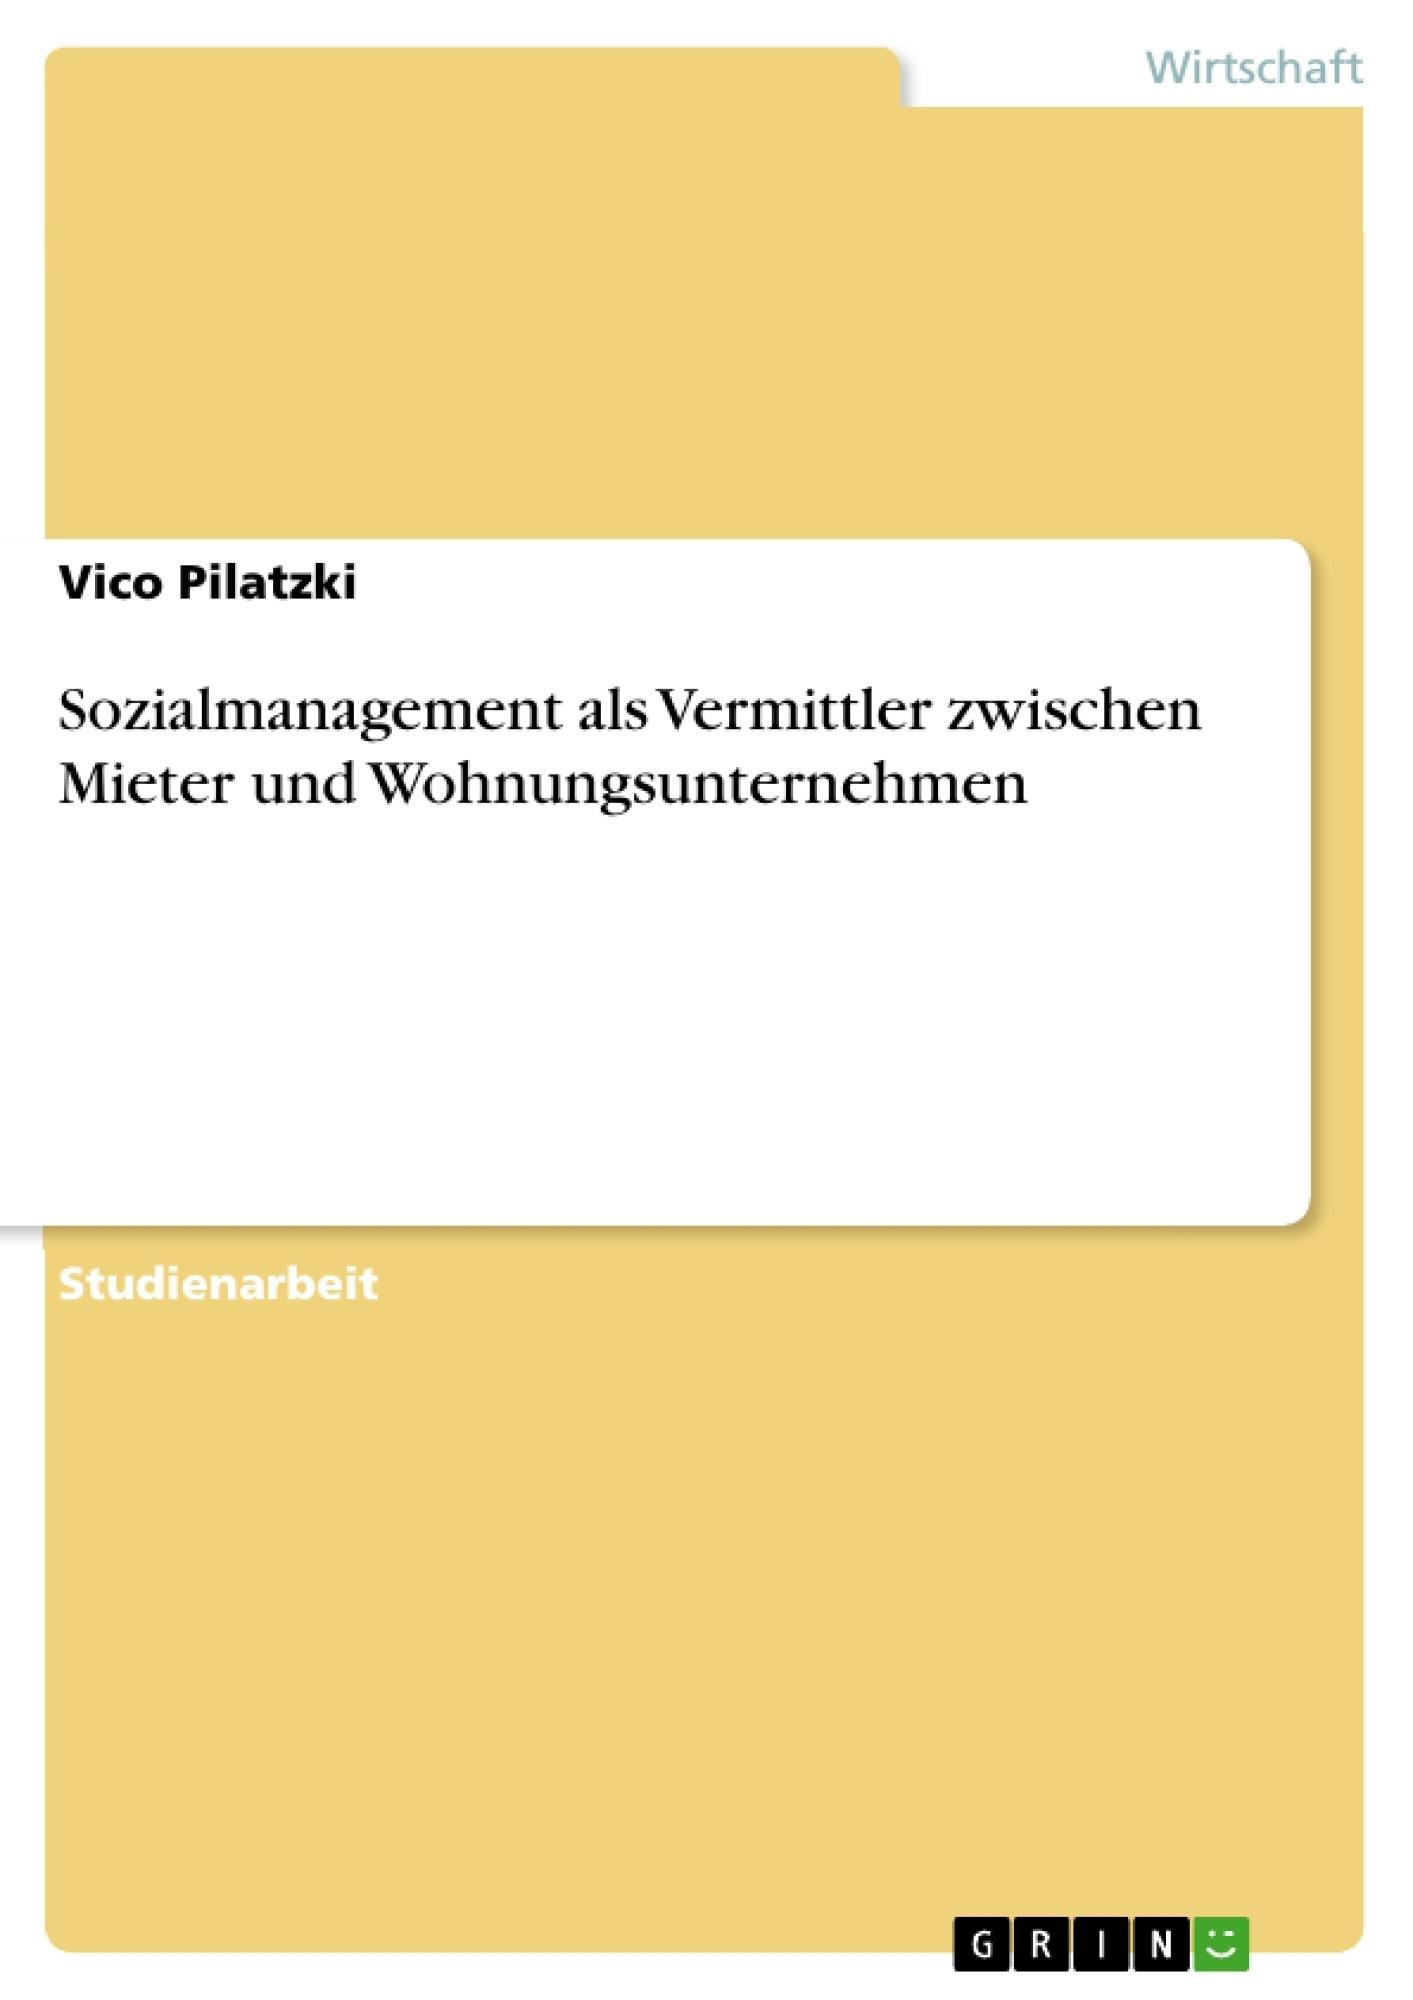 Titel: Sozialmanagement als Vermittler zwischen Mieter und  Wohnungsunternehmen